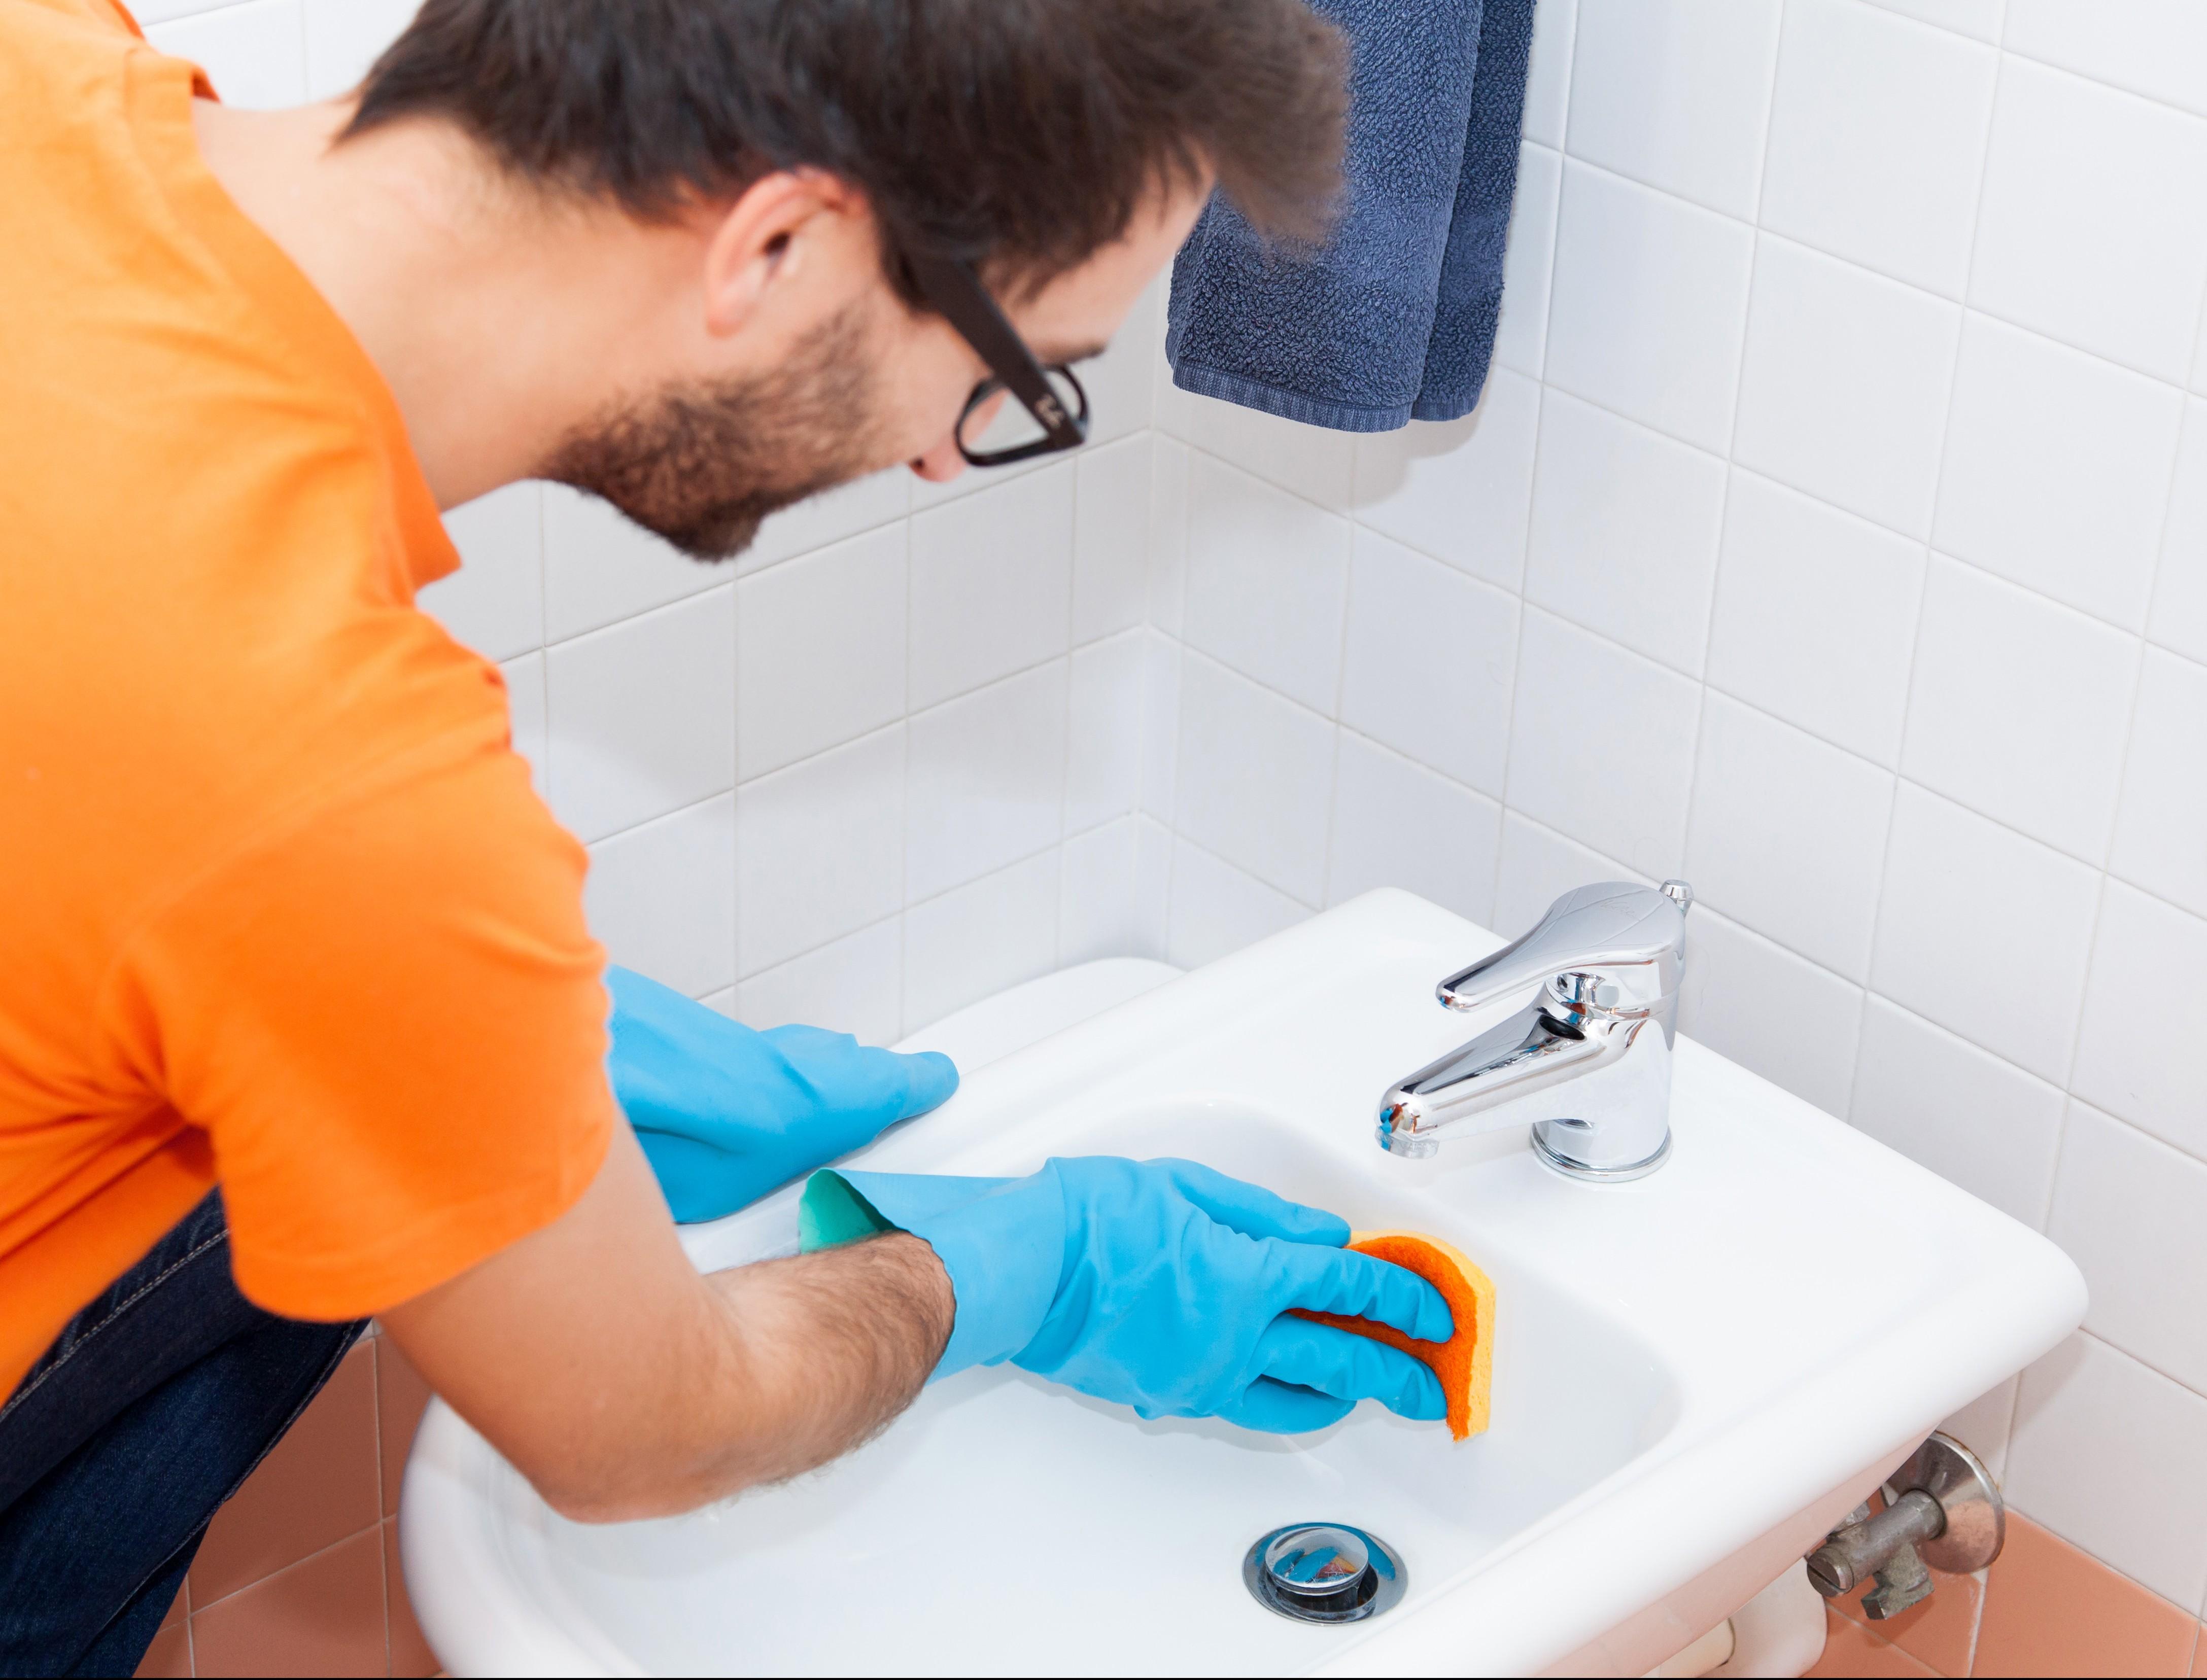 Come eliminare macchie gialle dai sanitari easy il